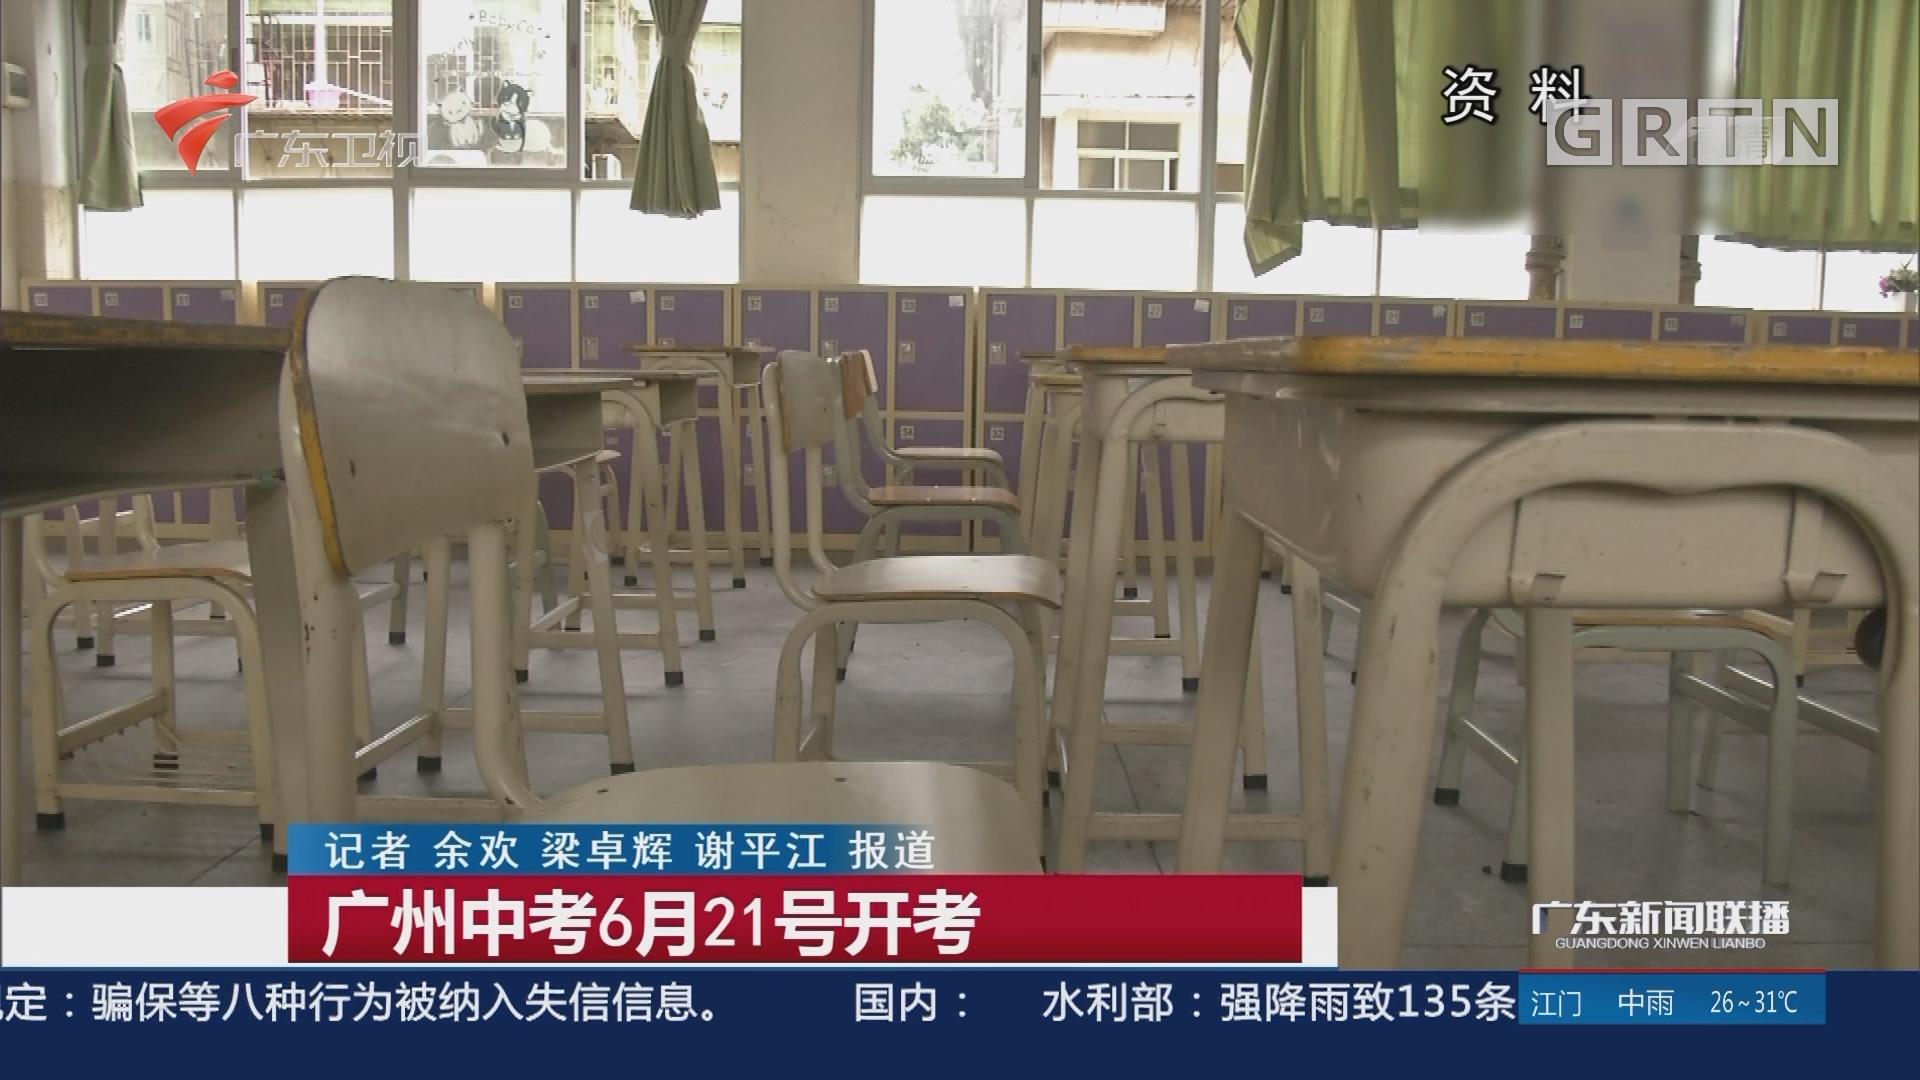 廣州中考6月21號開考